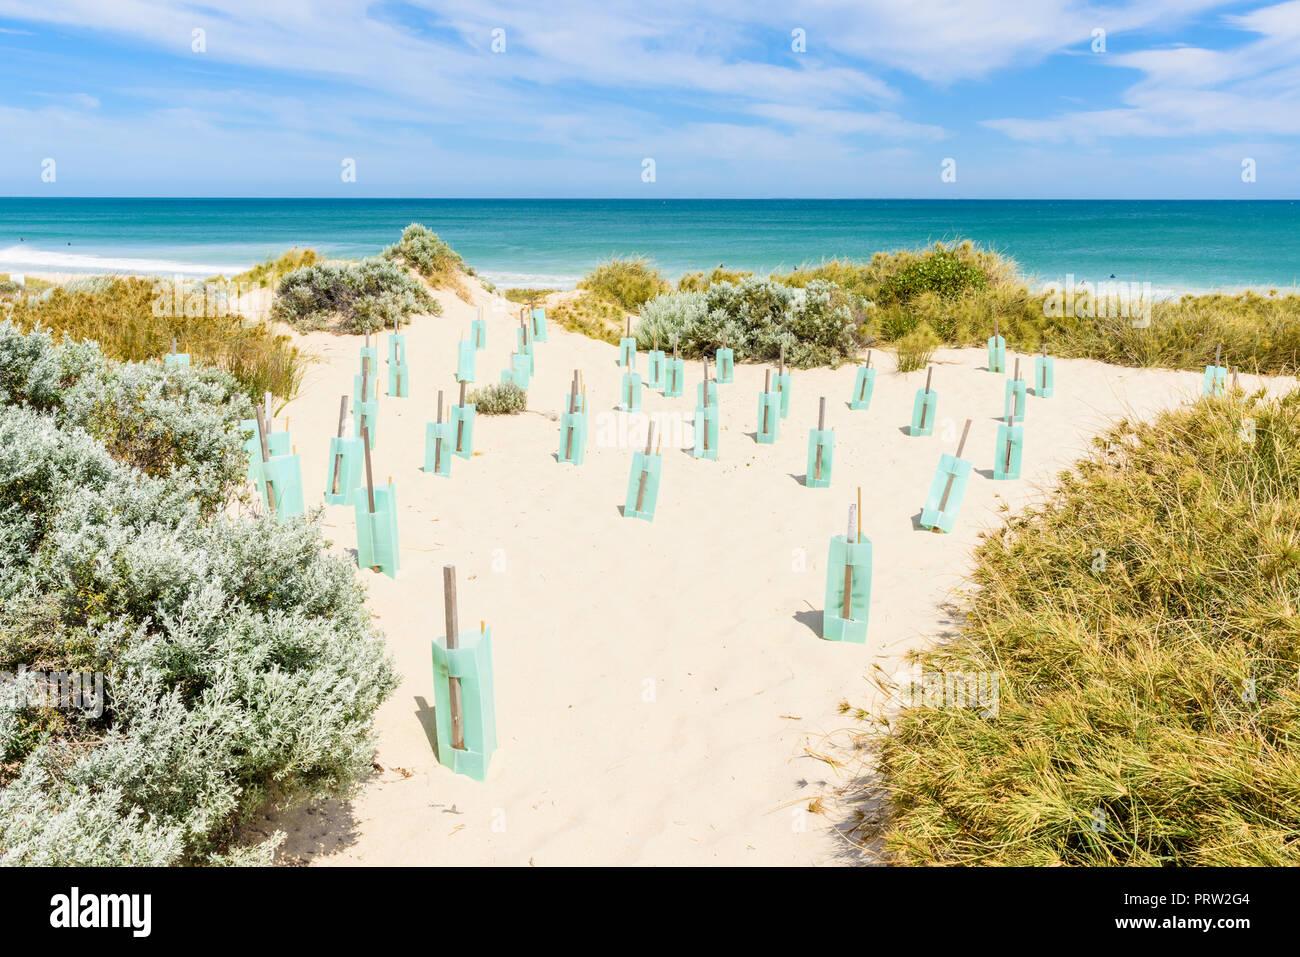 La stabilisation des dunes par la protection permanente de nouvelles plantes à l'aide de manchons forestiers en plastique dans un écosystème côtier dans l'ouest de l'Australie Photo Stock